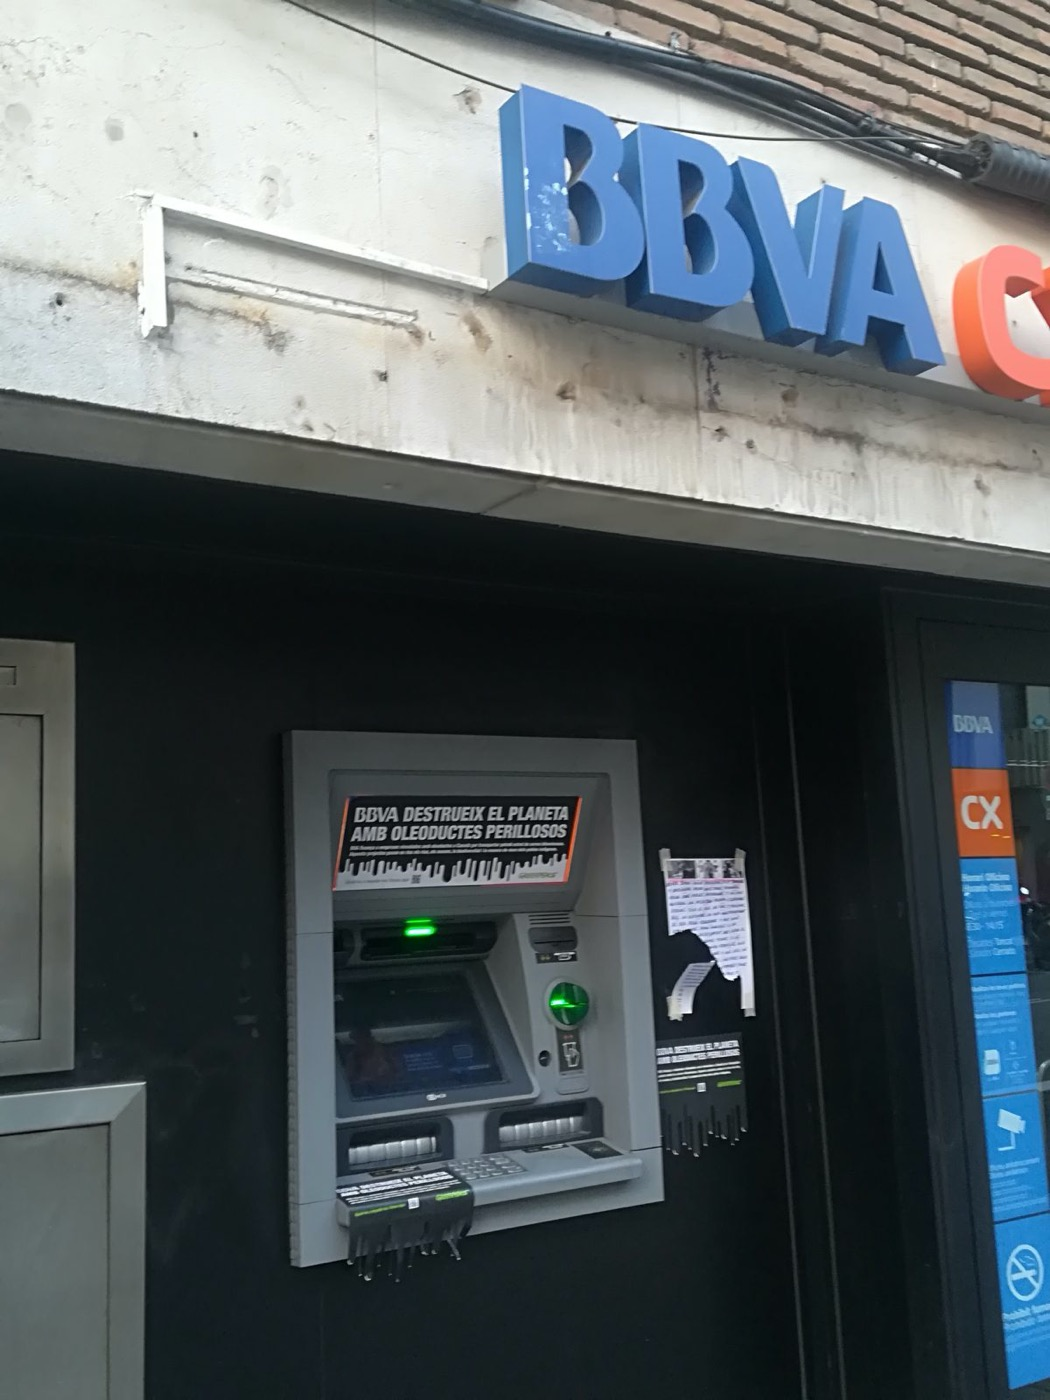 Cajero en Barcelona con el mensaje: BBVA destruye el planeta con oleoductos peligrosos